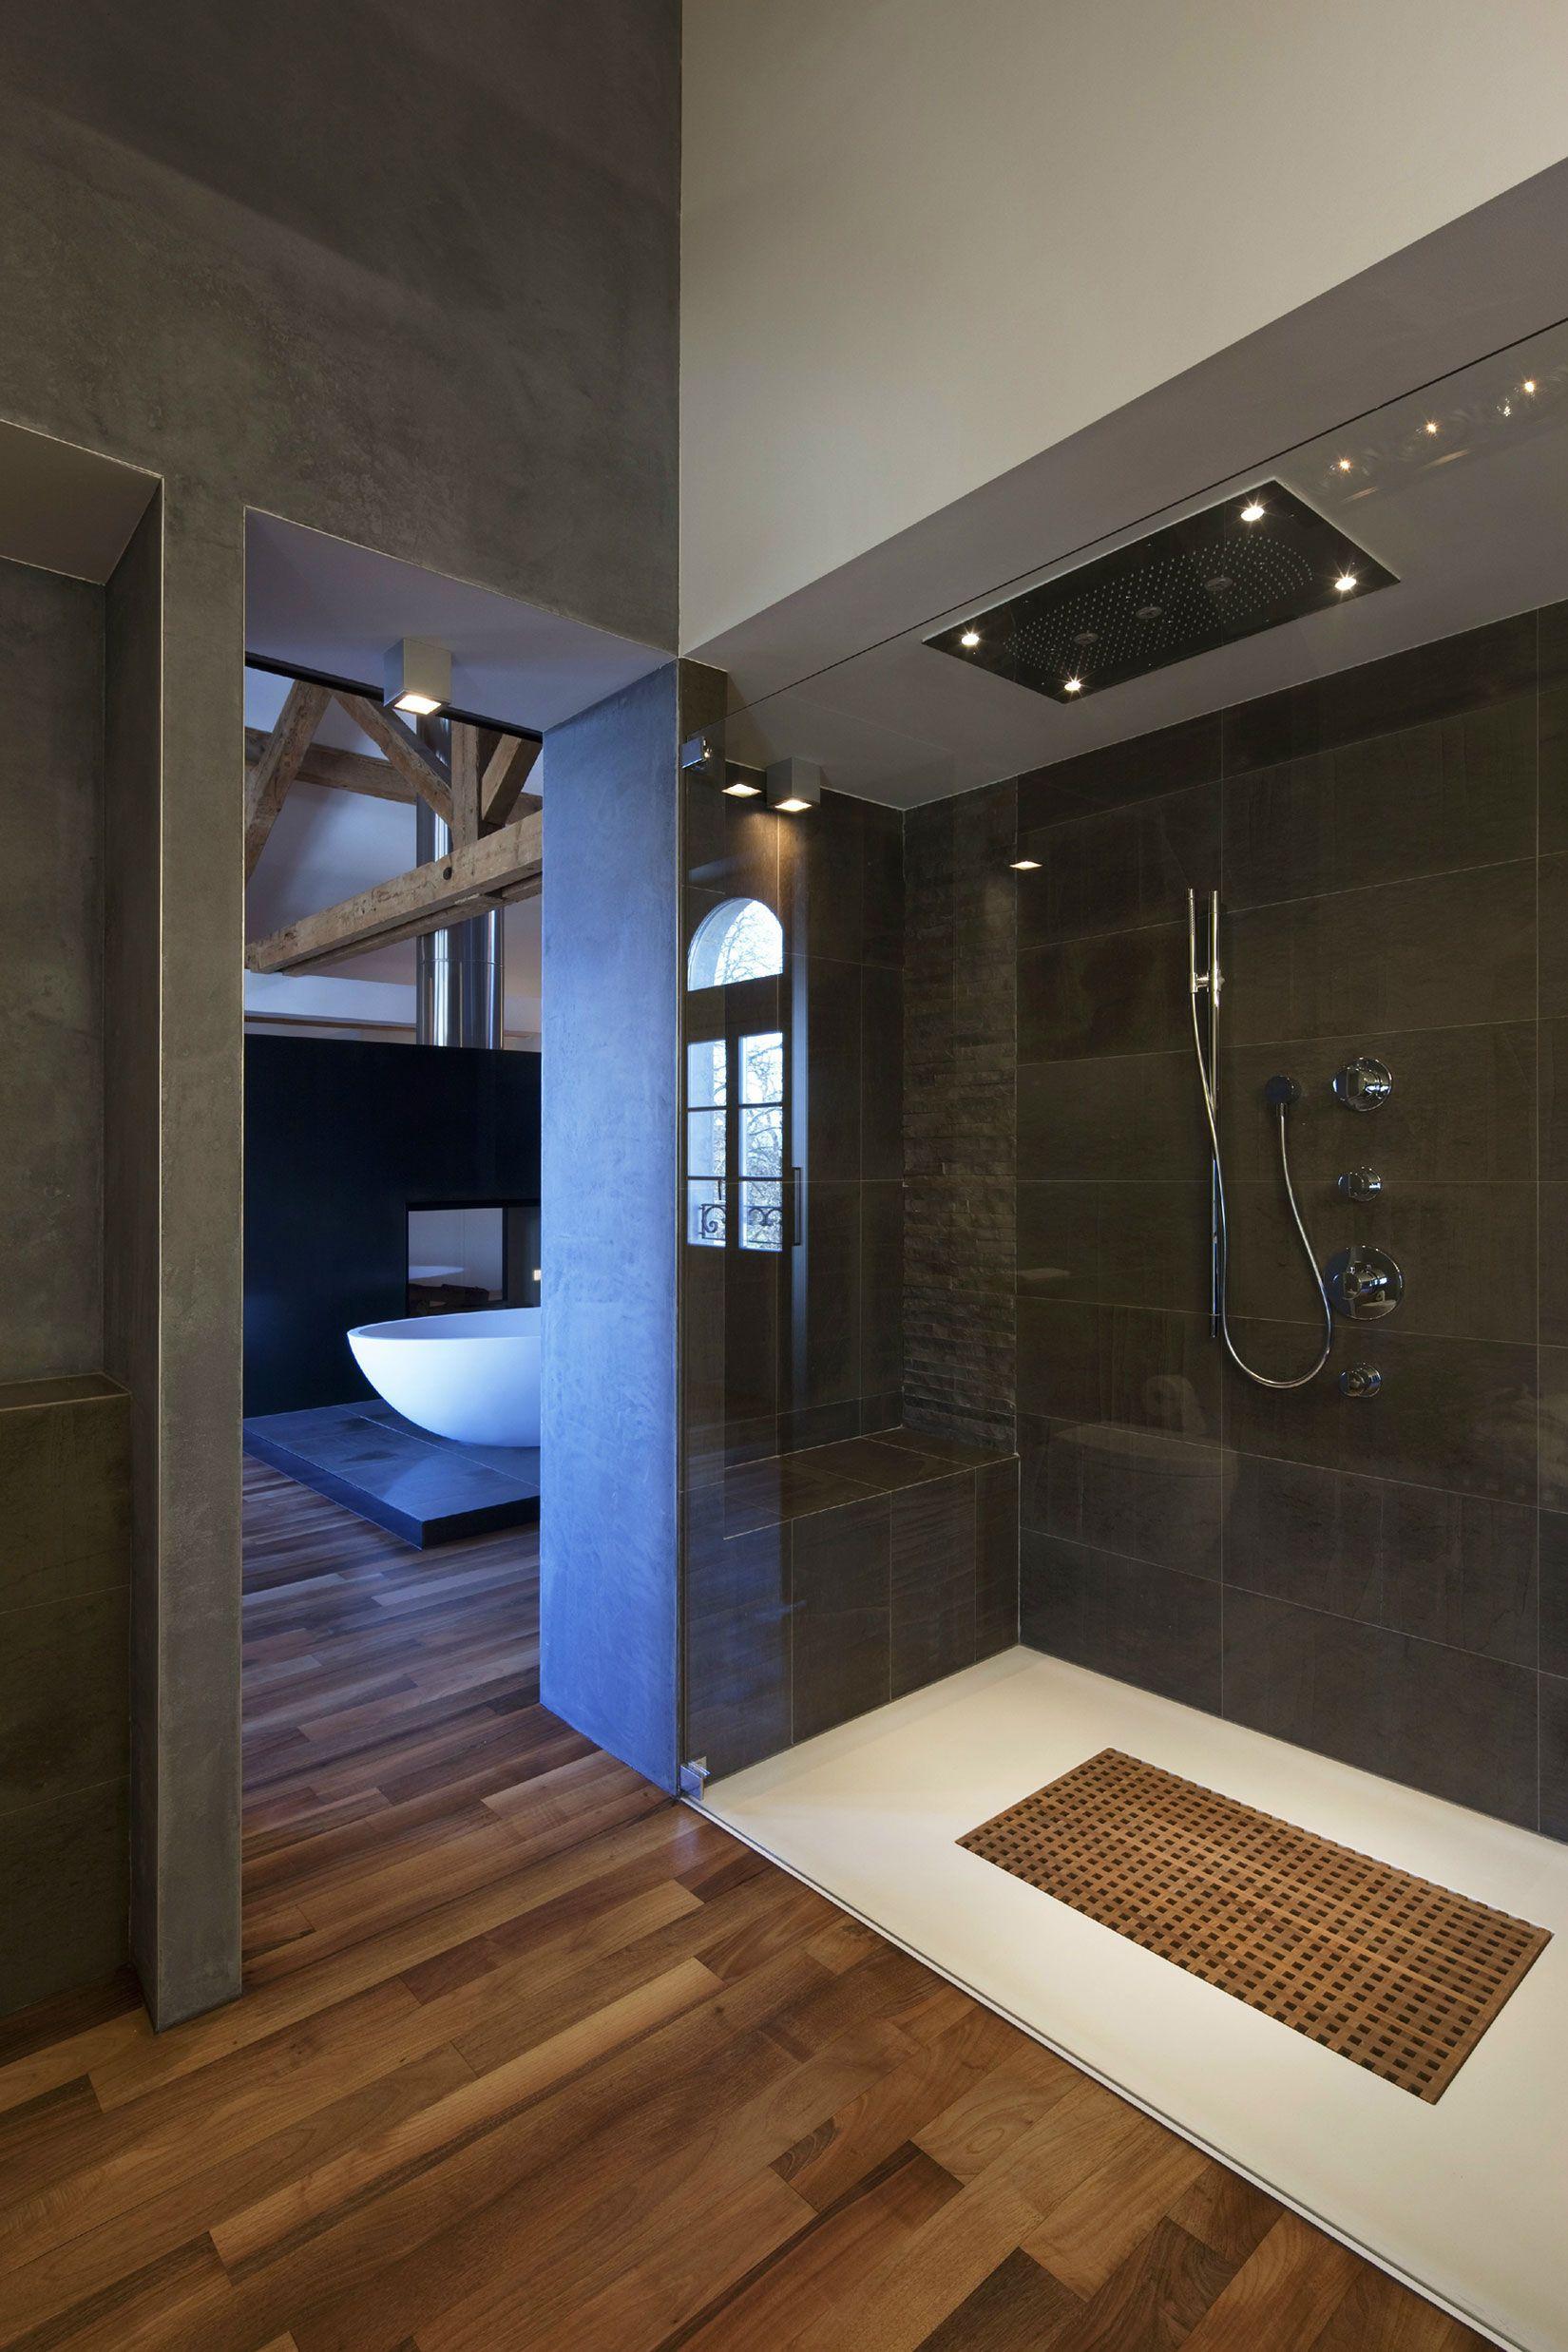 Nett Luxury Design Dusche 90×90 Ideen - Die Designideen für ...